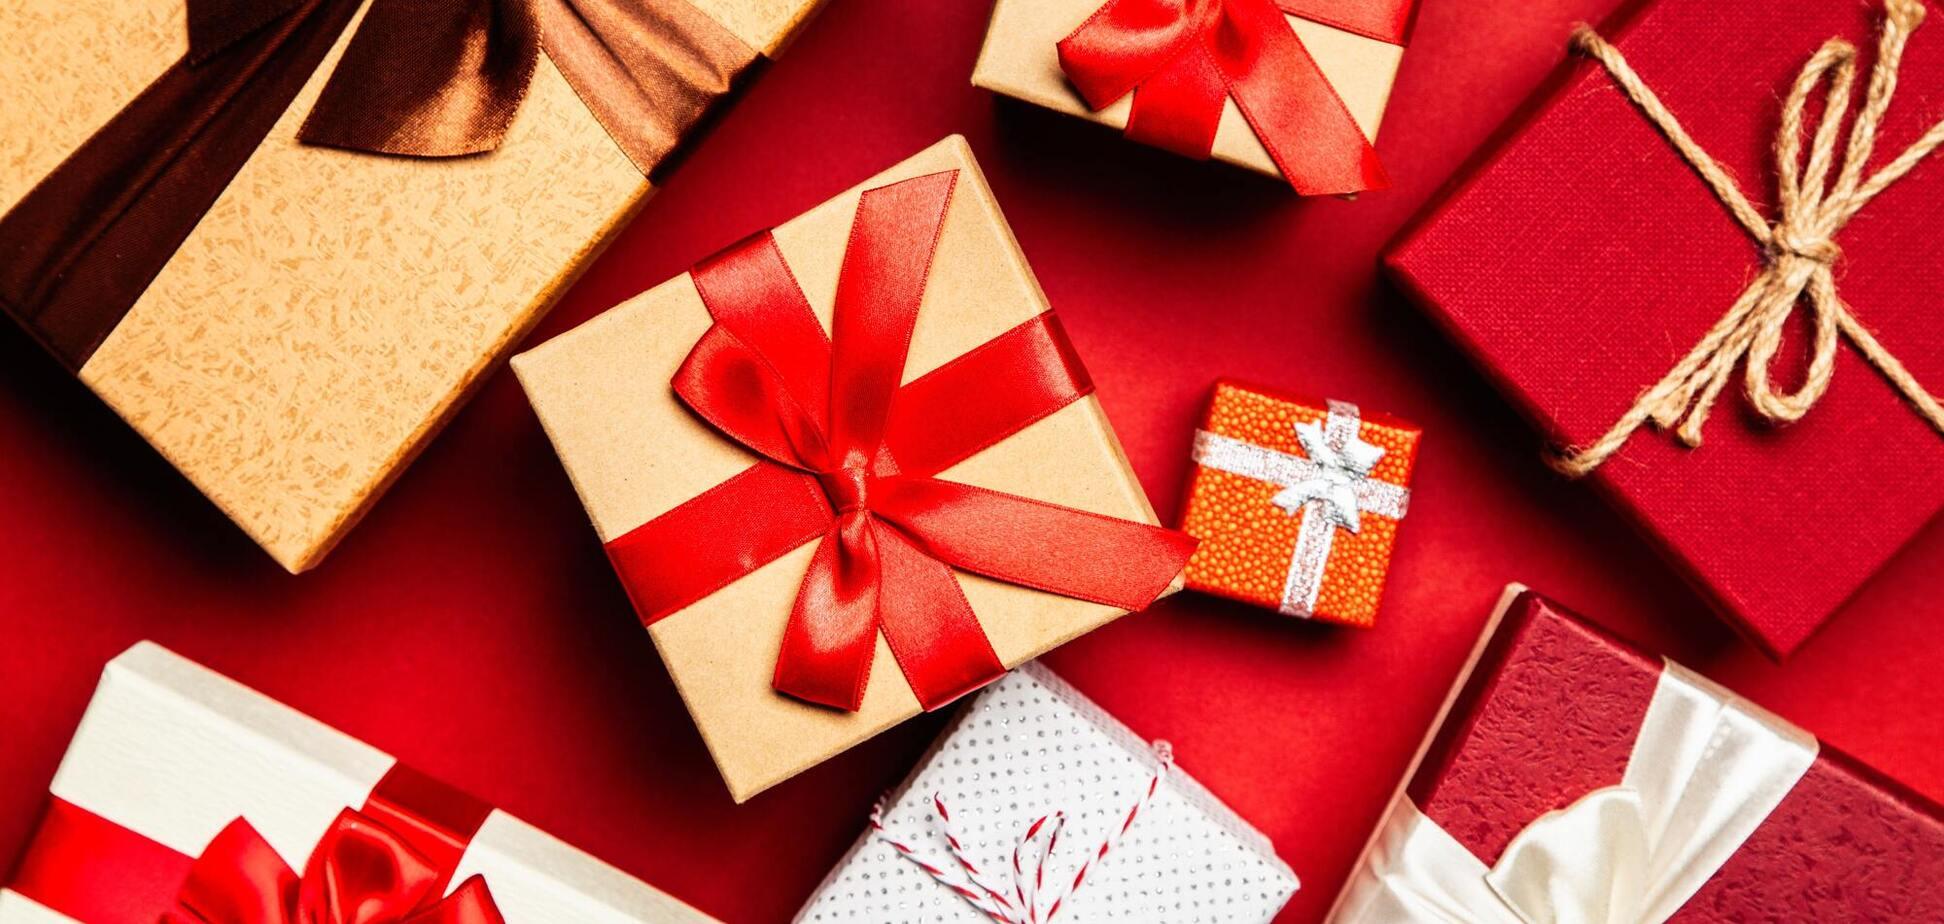 Знайти оригінальний подарунок на Новий рік непросто